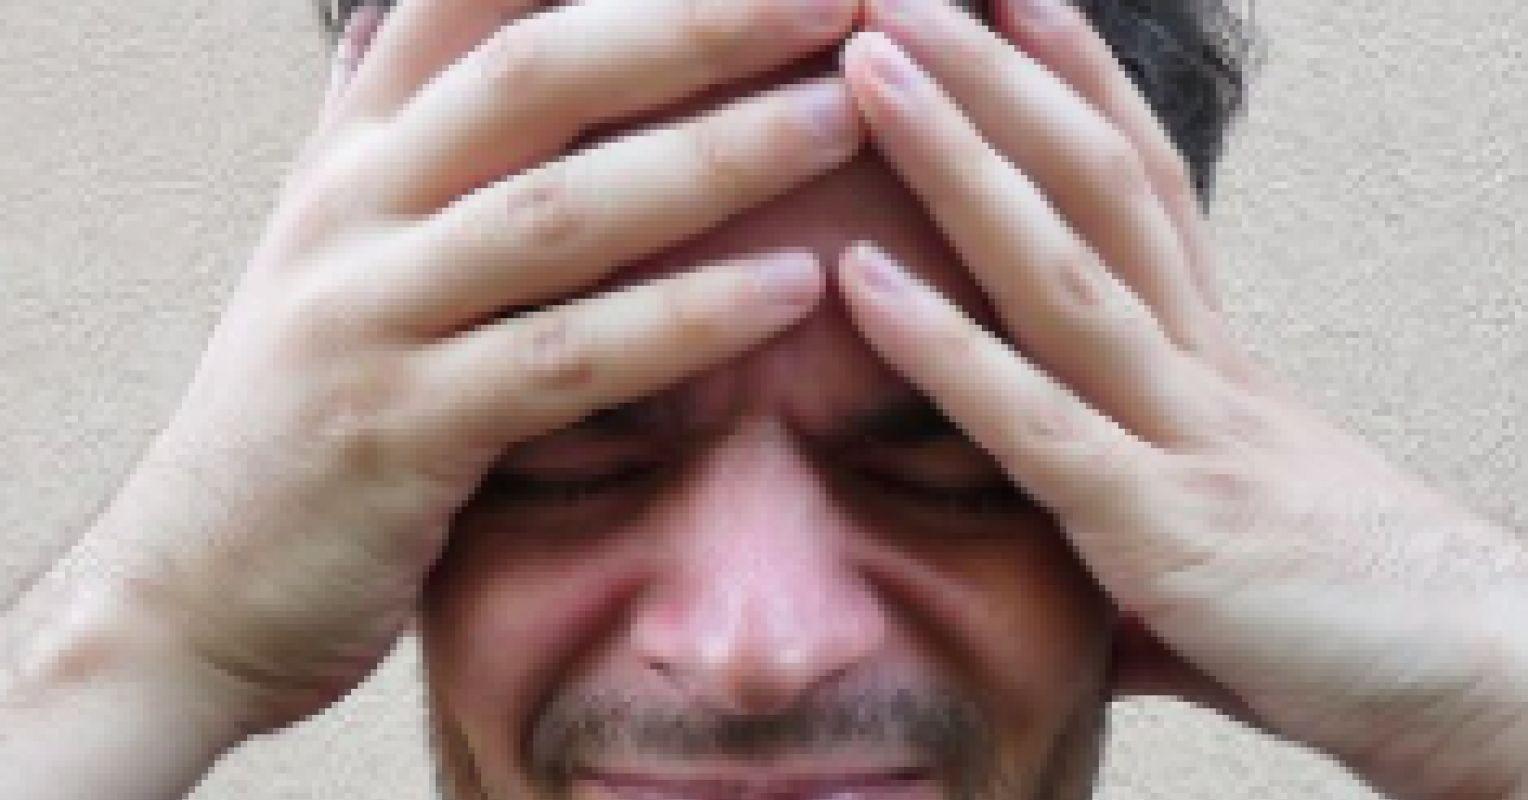 www.psychologytoday.com